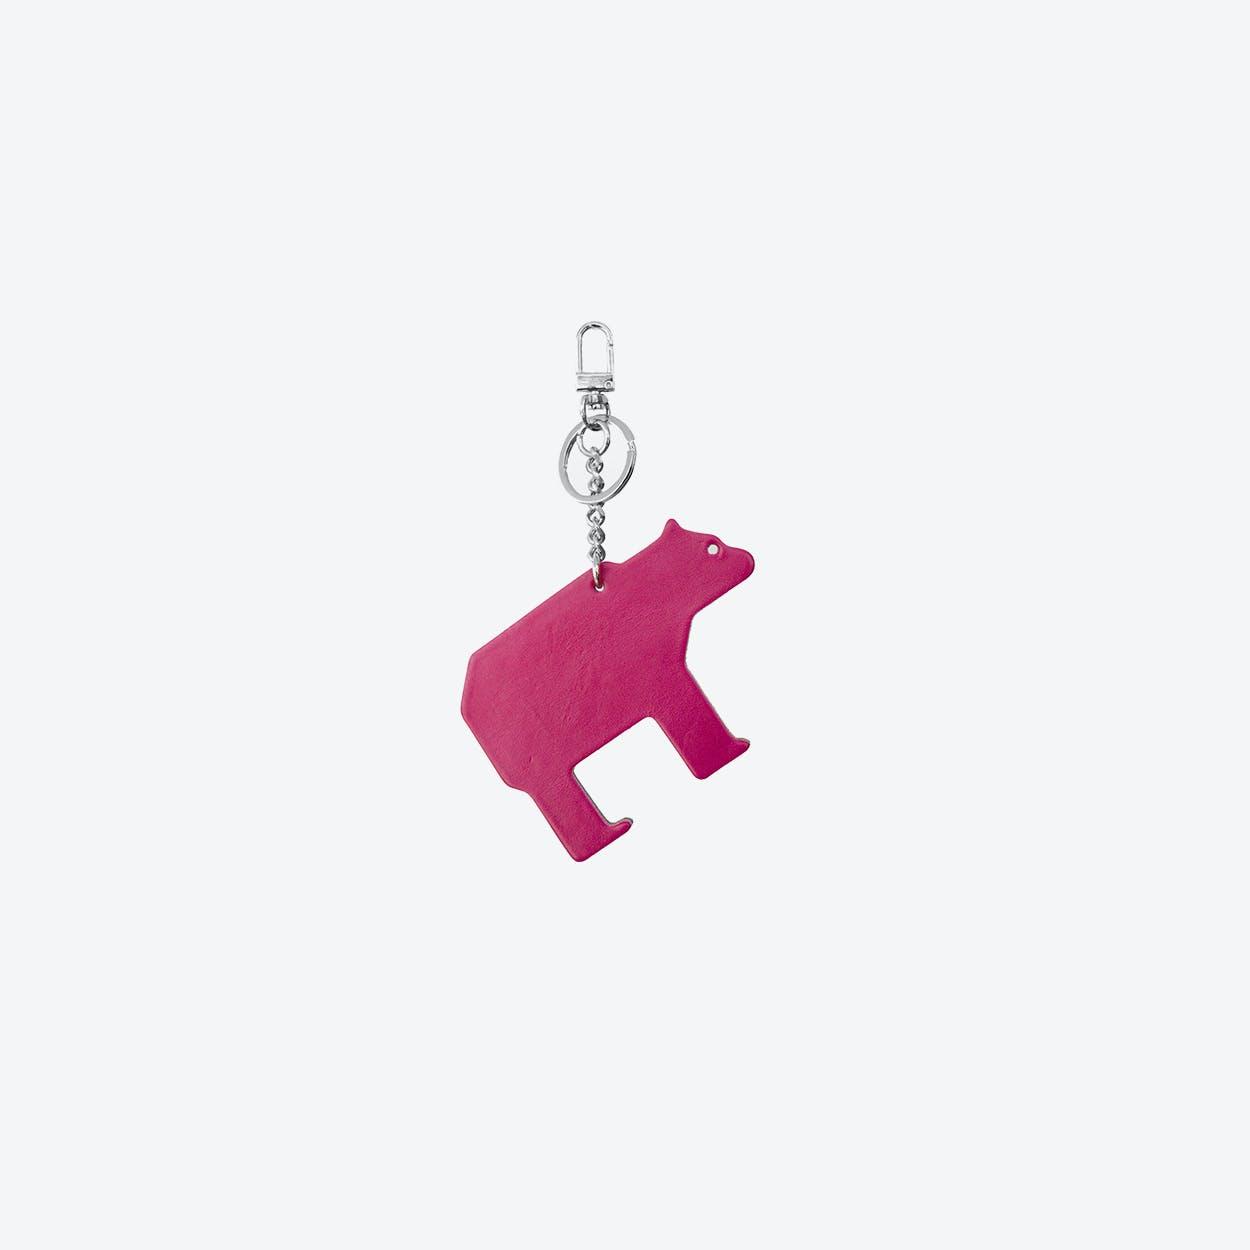 Bear PET Bag Charm in Magenta